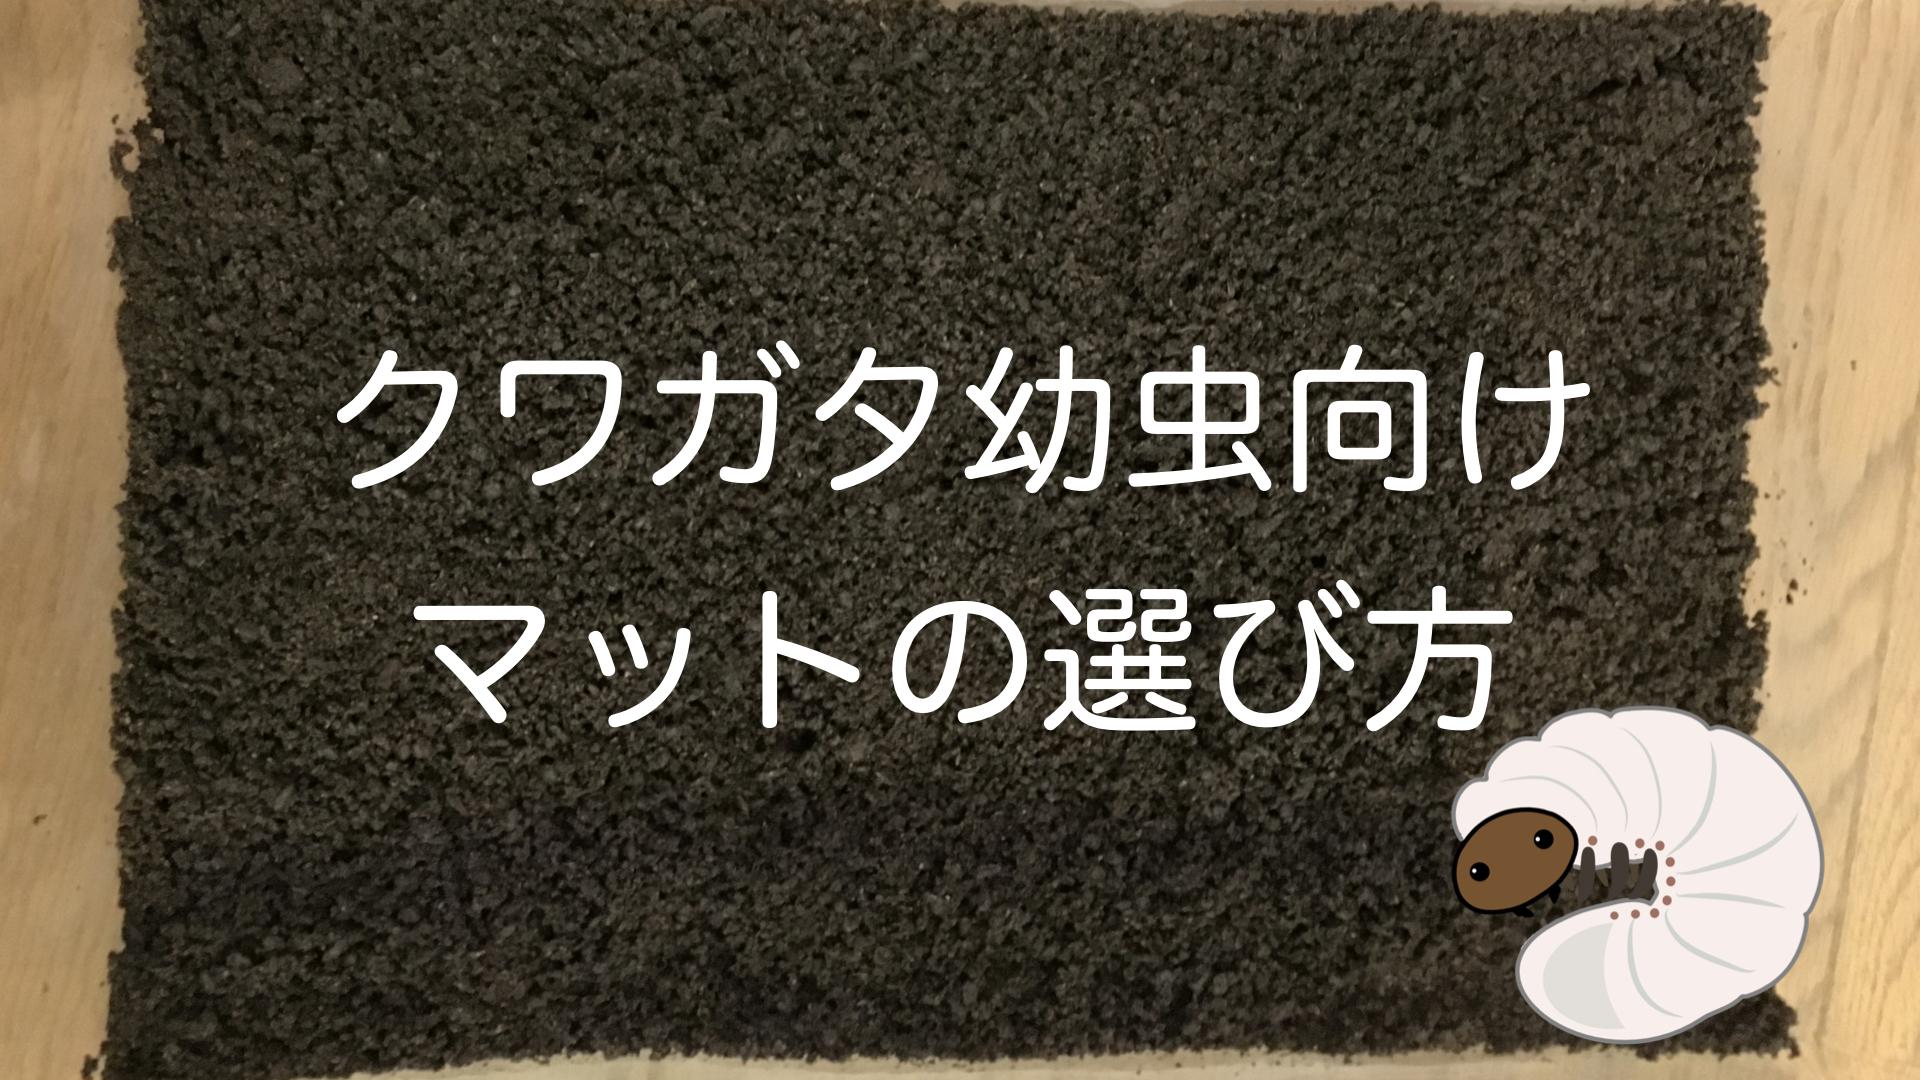 【中級者向け】クワガタ幼虫飼育におけるマットの選び方と使い方